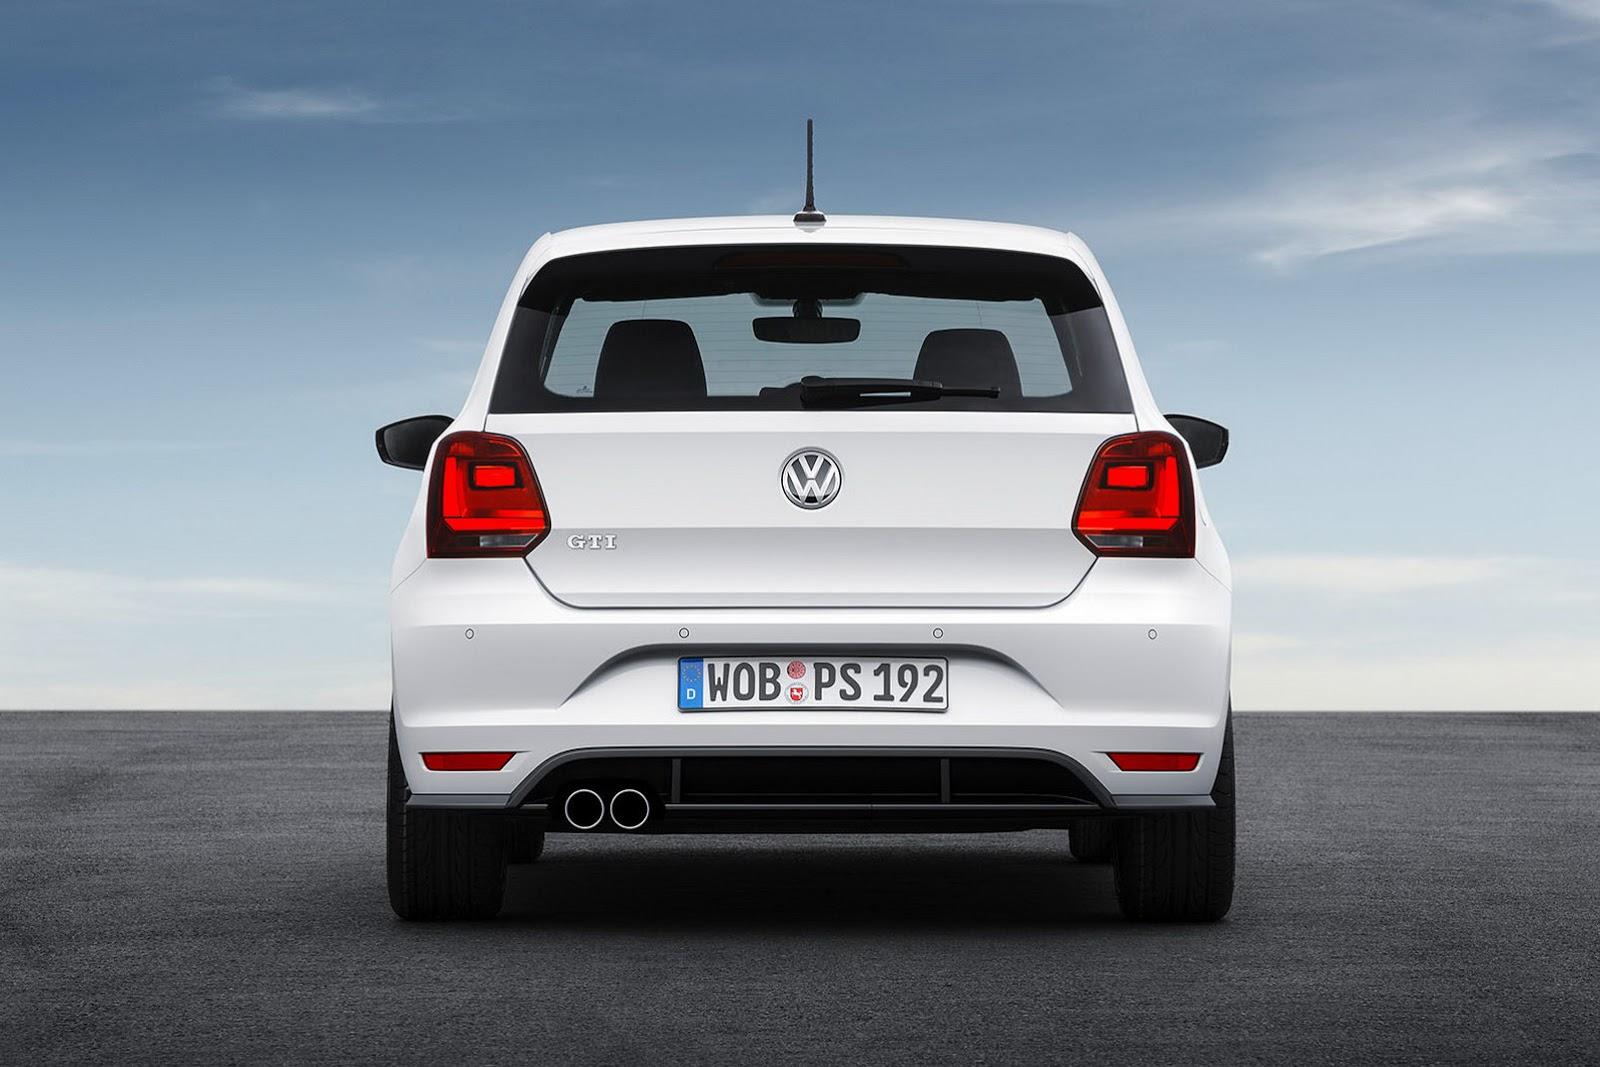 VW Polo GTI 2015 có thiết kế ít thay đổi so với phiên bản hiện nay